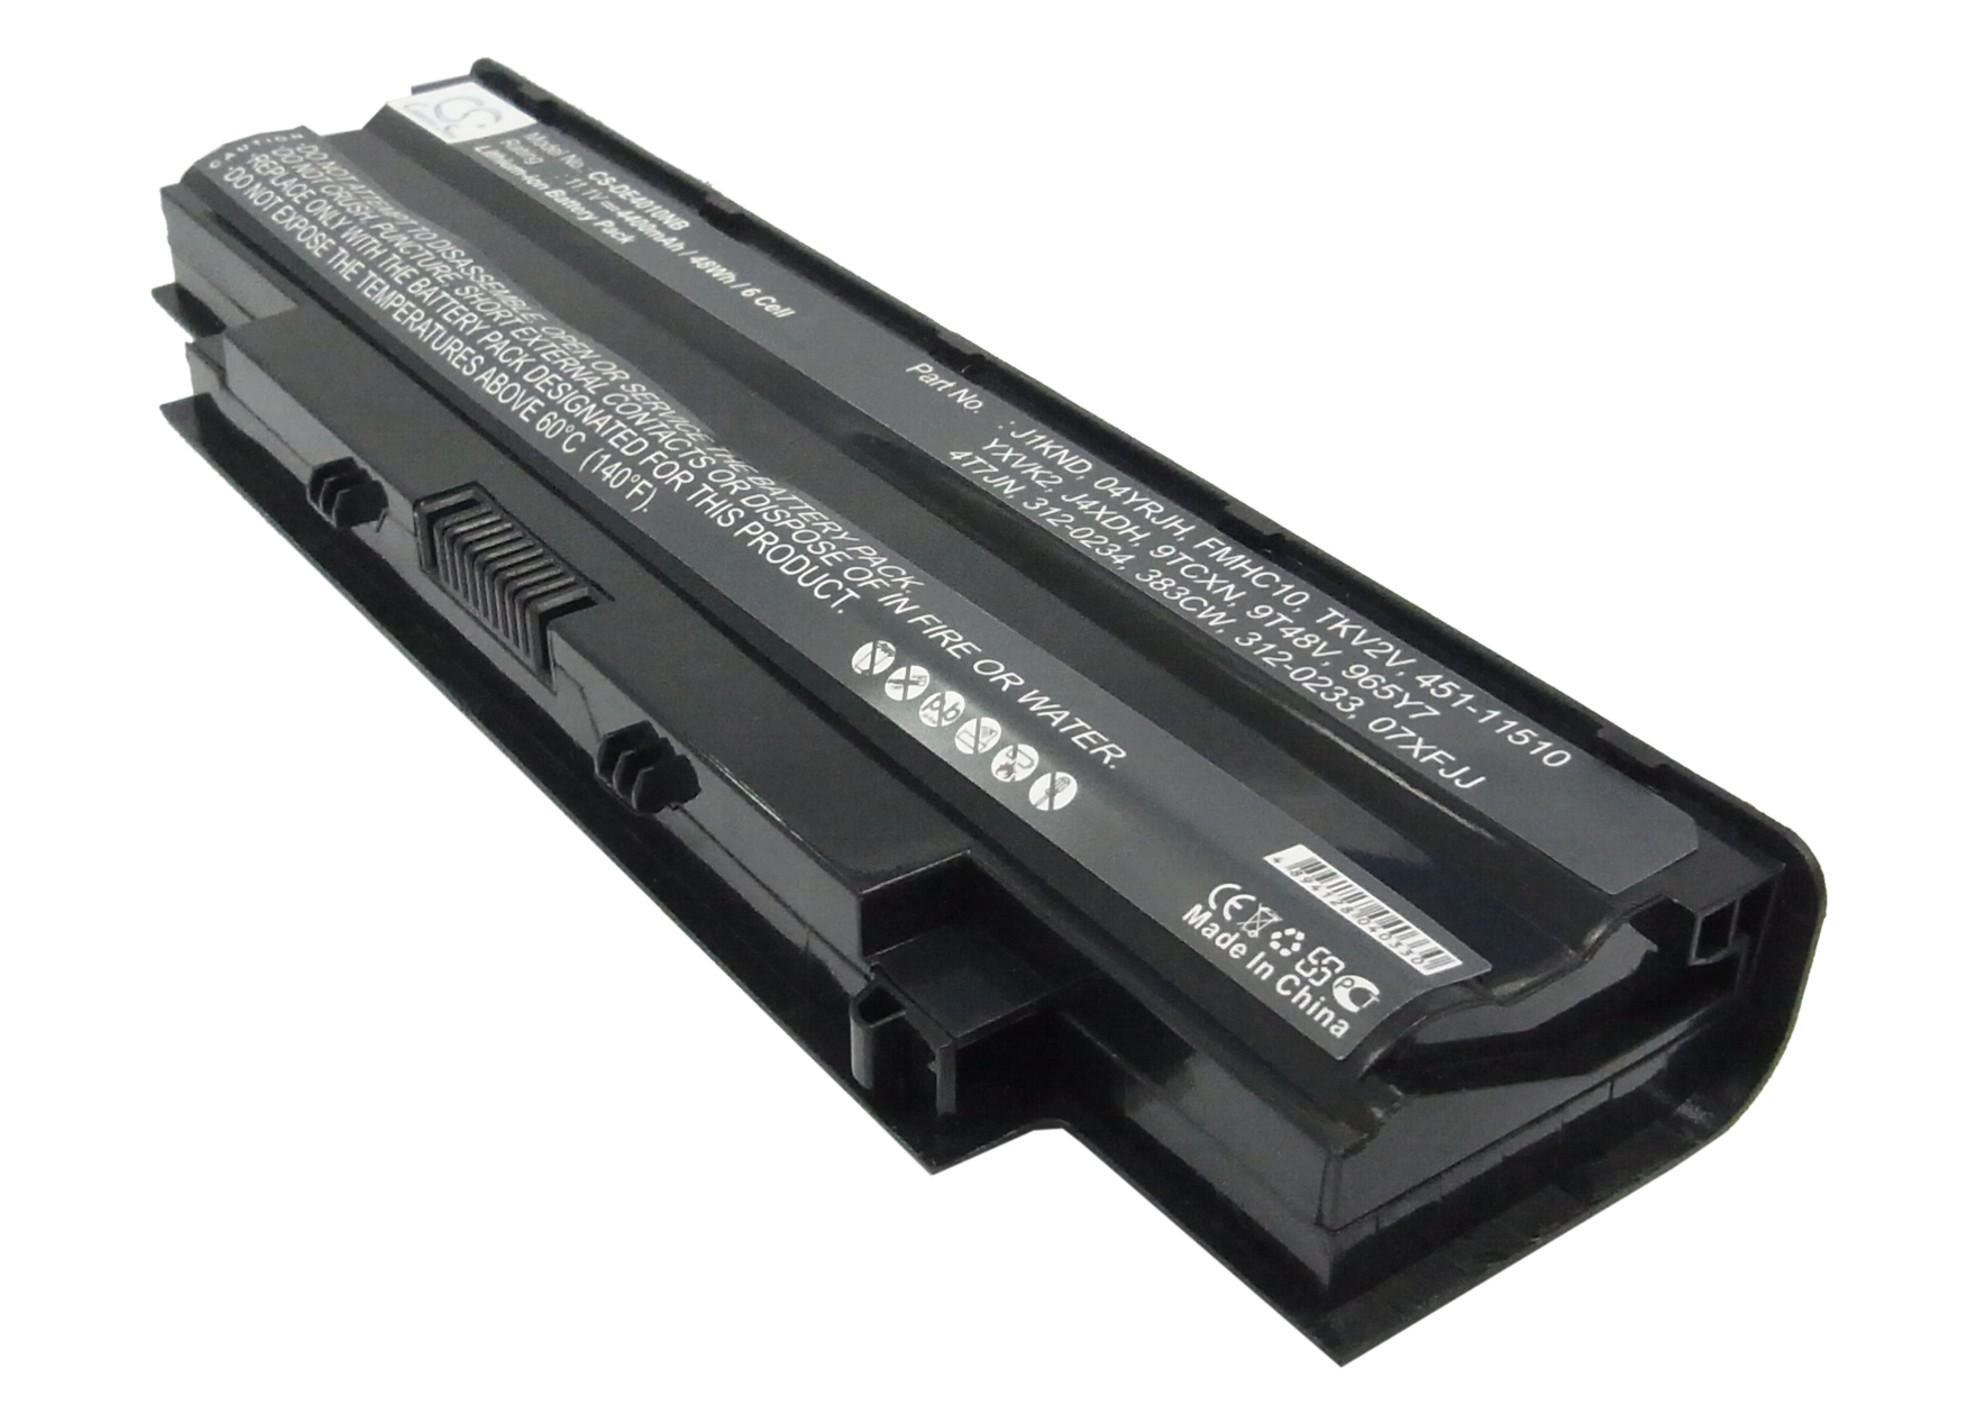 Cameron Sino baterie do notebooků pro DELL Inspiron 15R 5010-D330 11.1V Li-ion 4400mAh černá - neoriginální